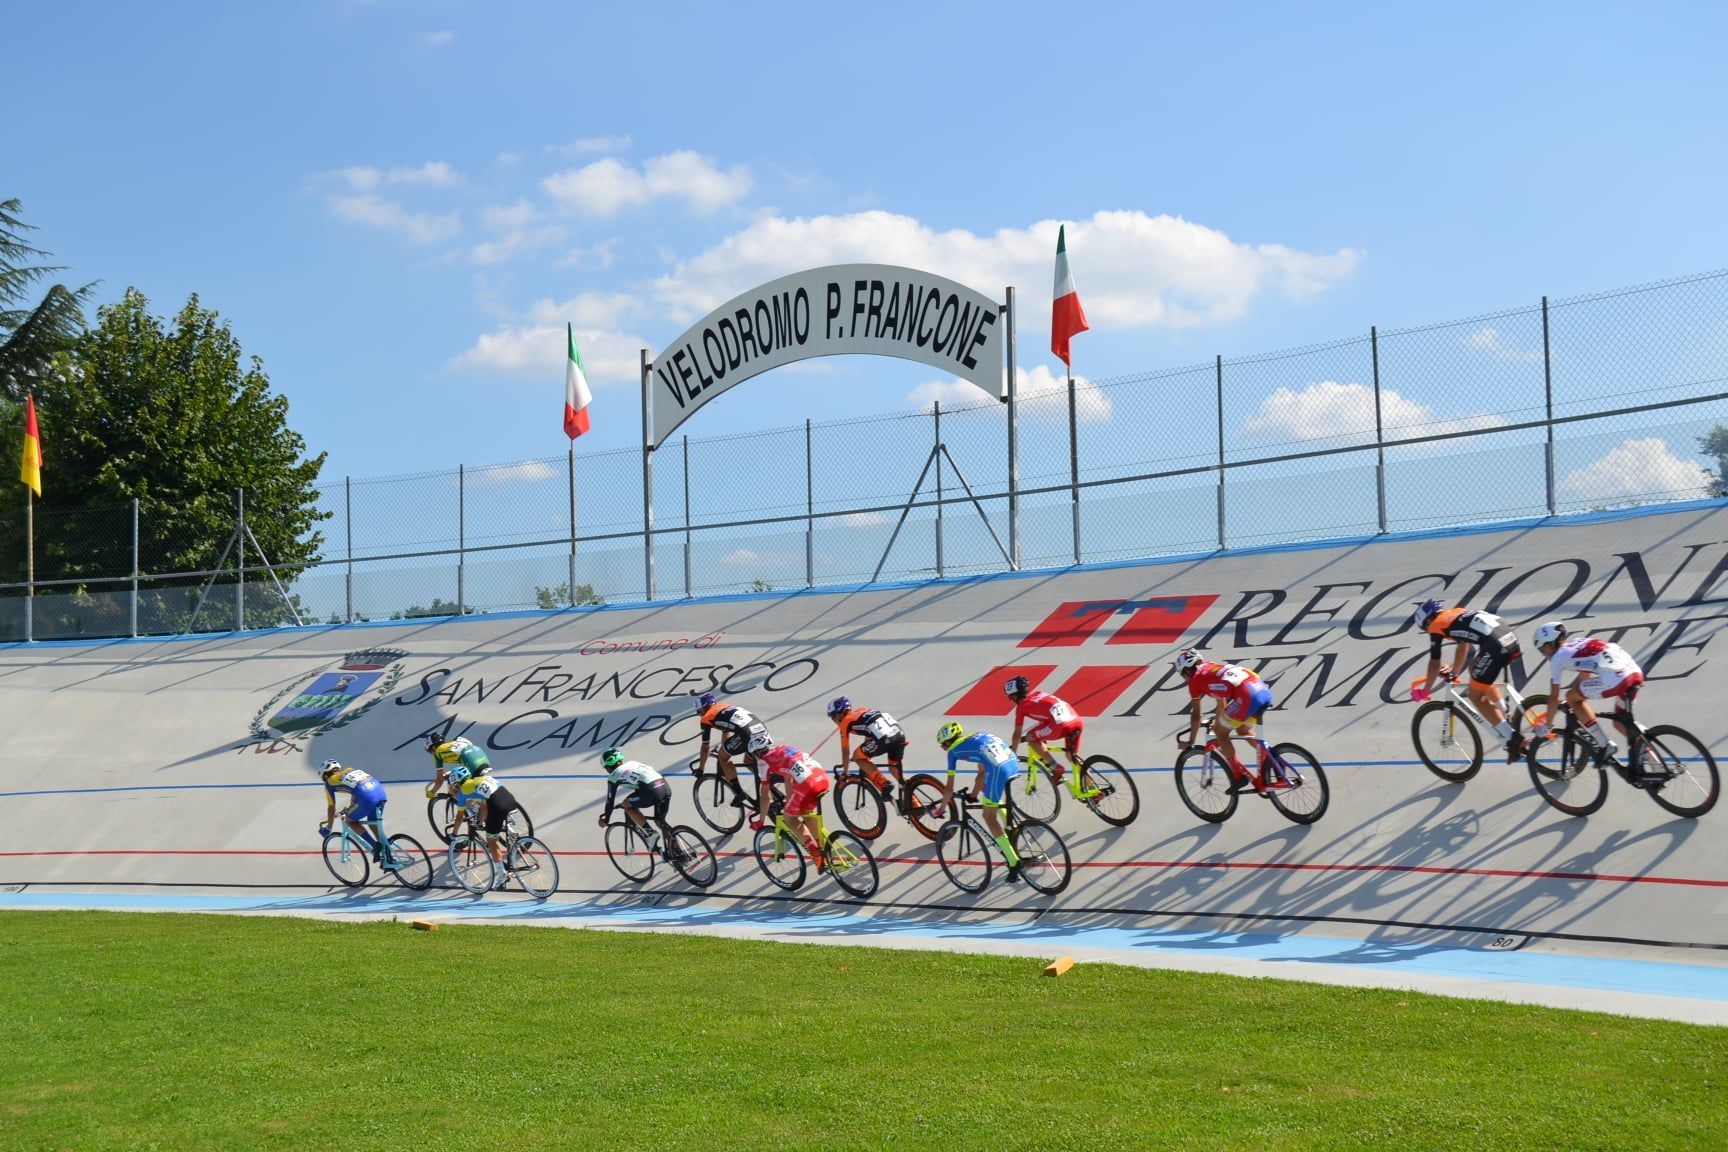 SAN FRANCESCO AL CAMPO - Al Velodromo Francone i Campionati italiani Paralimpici di ciclismo su pista